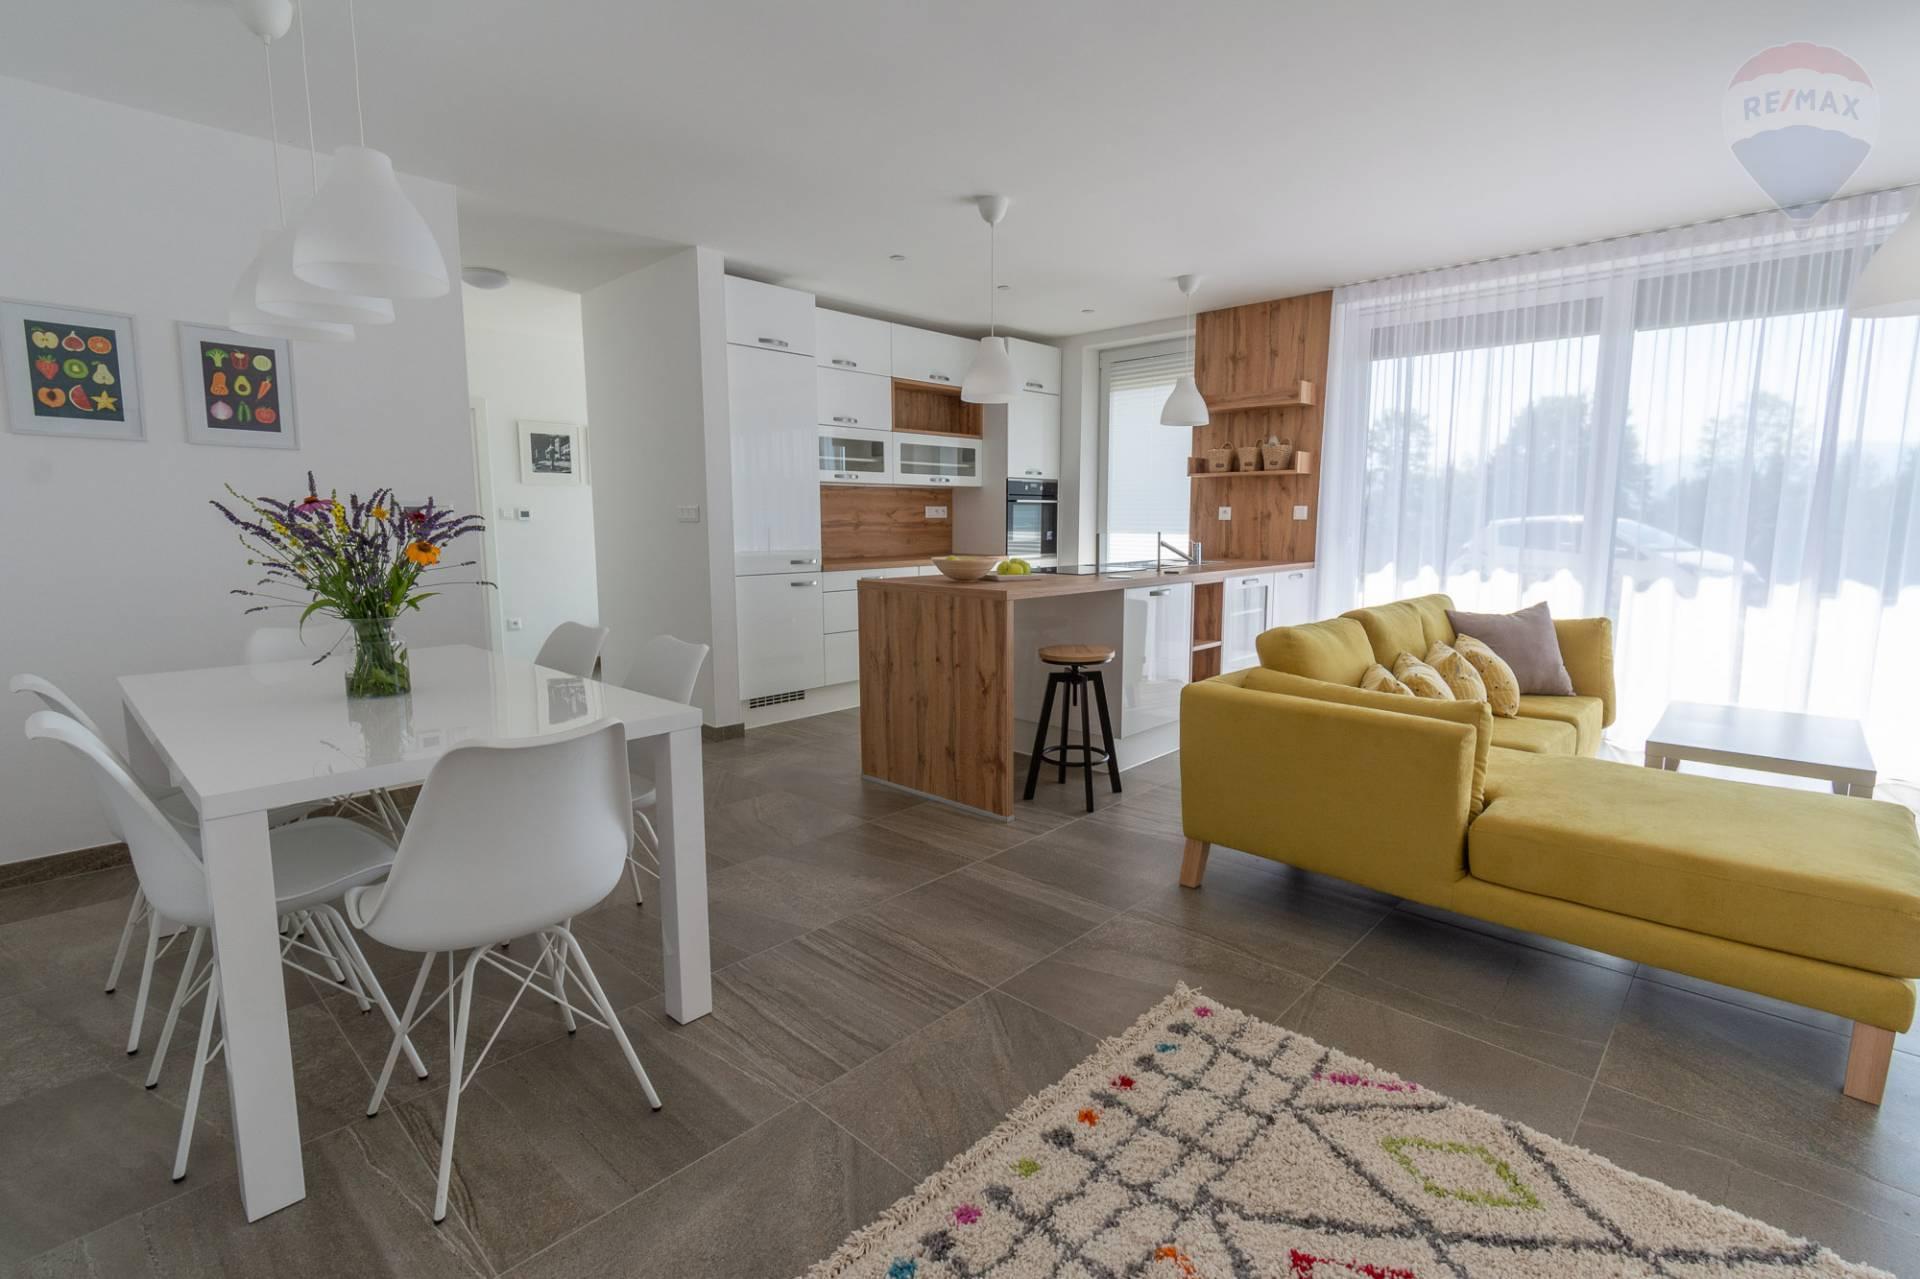 PRENÁJOM - komplet zariadený 3 izb. apartmán v novostavbe Bojnice